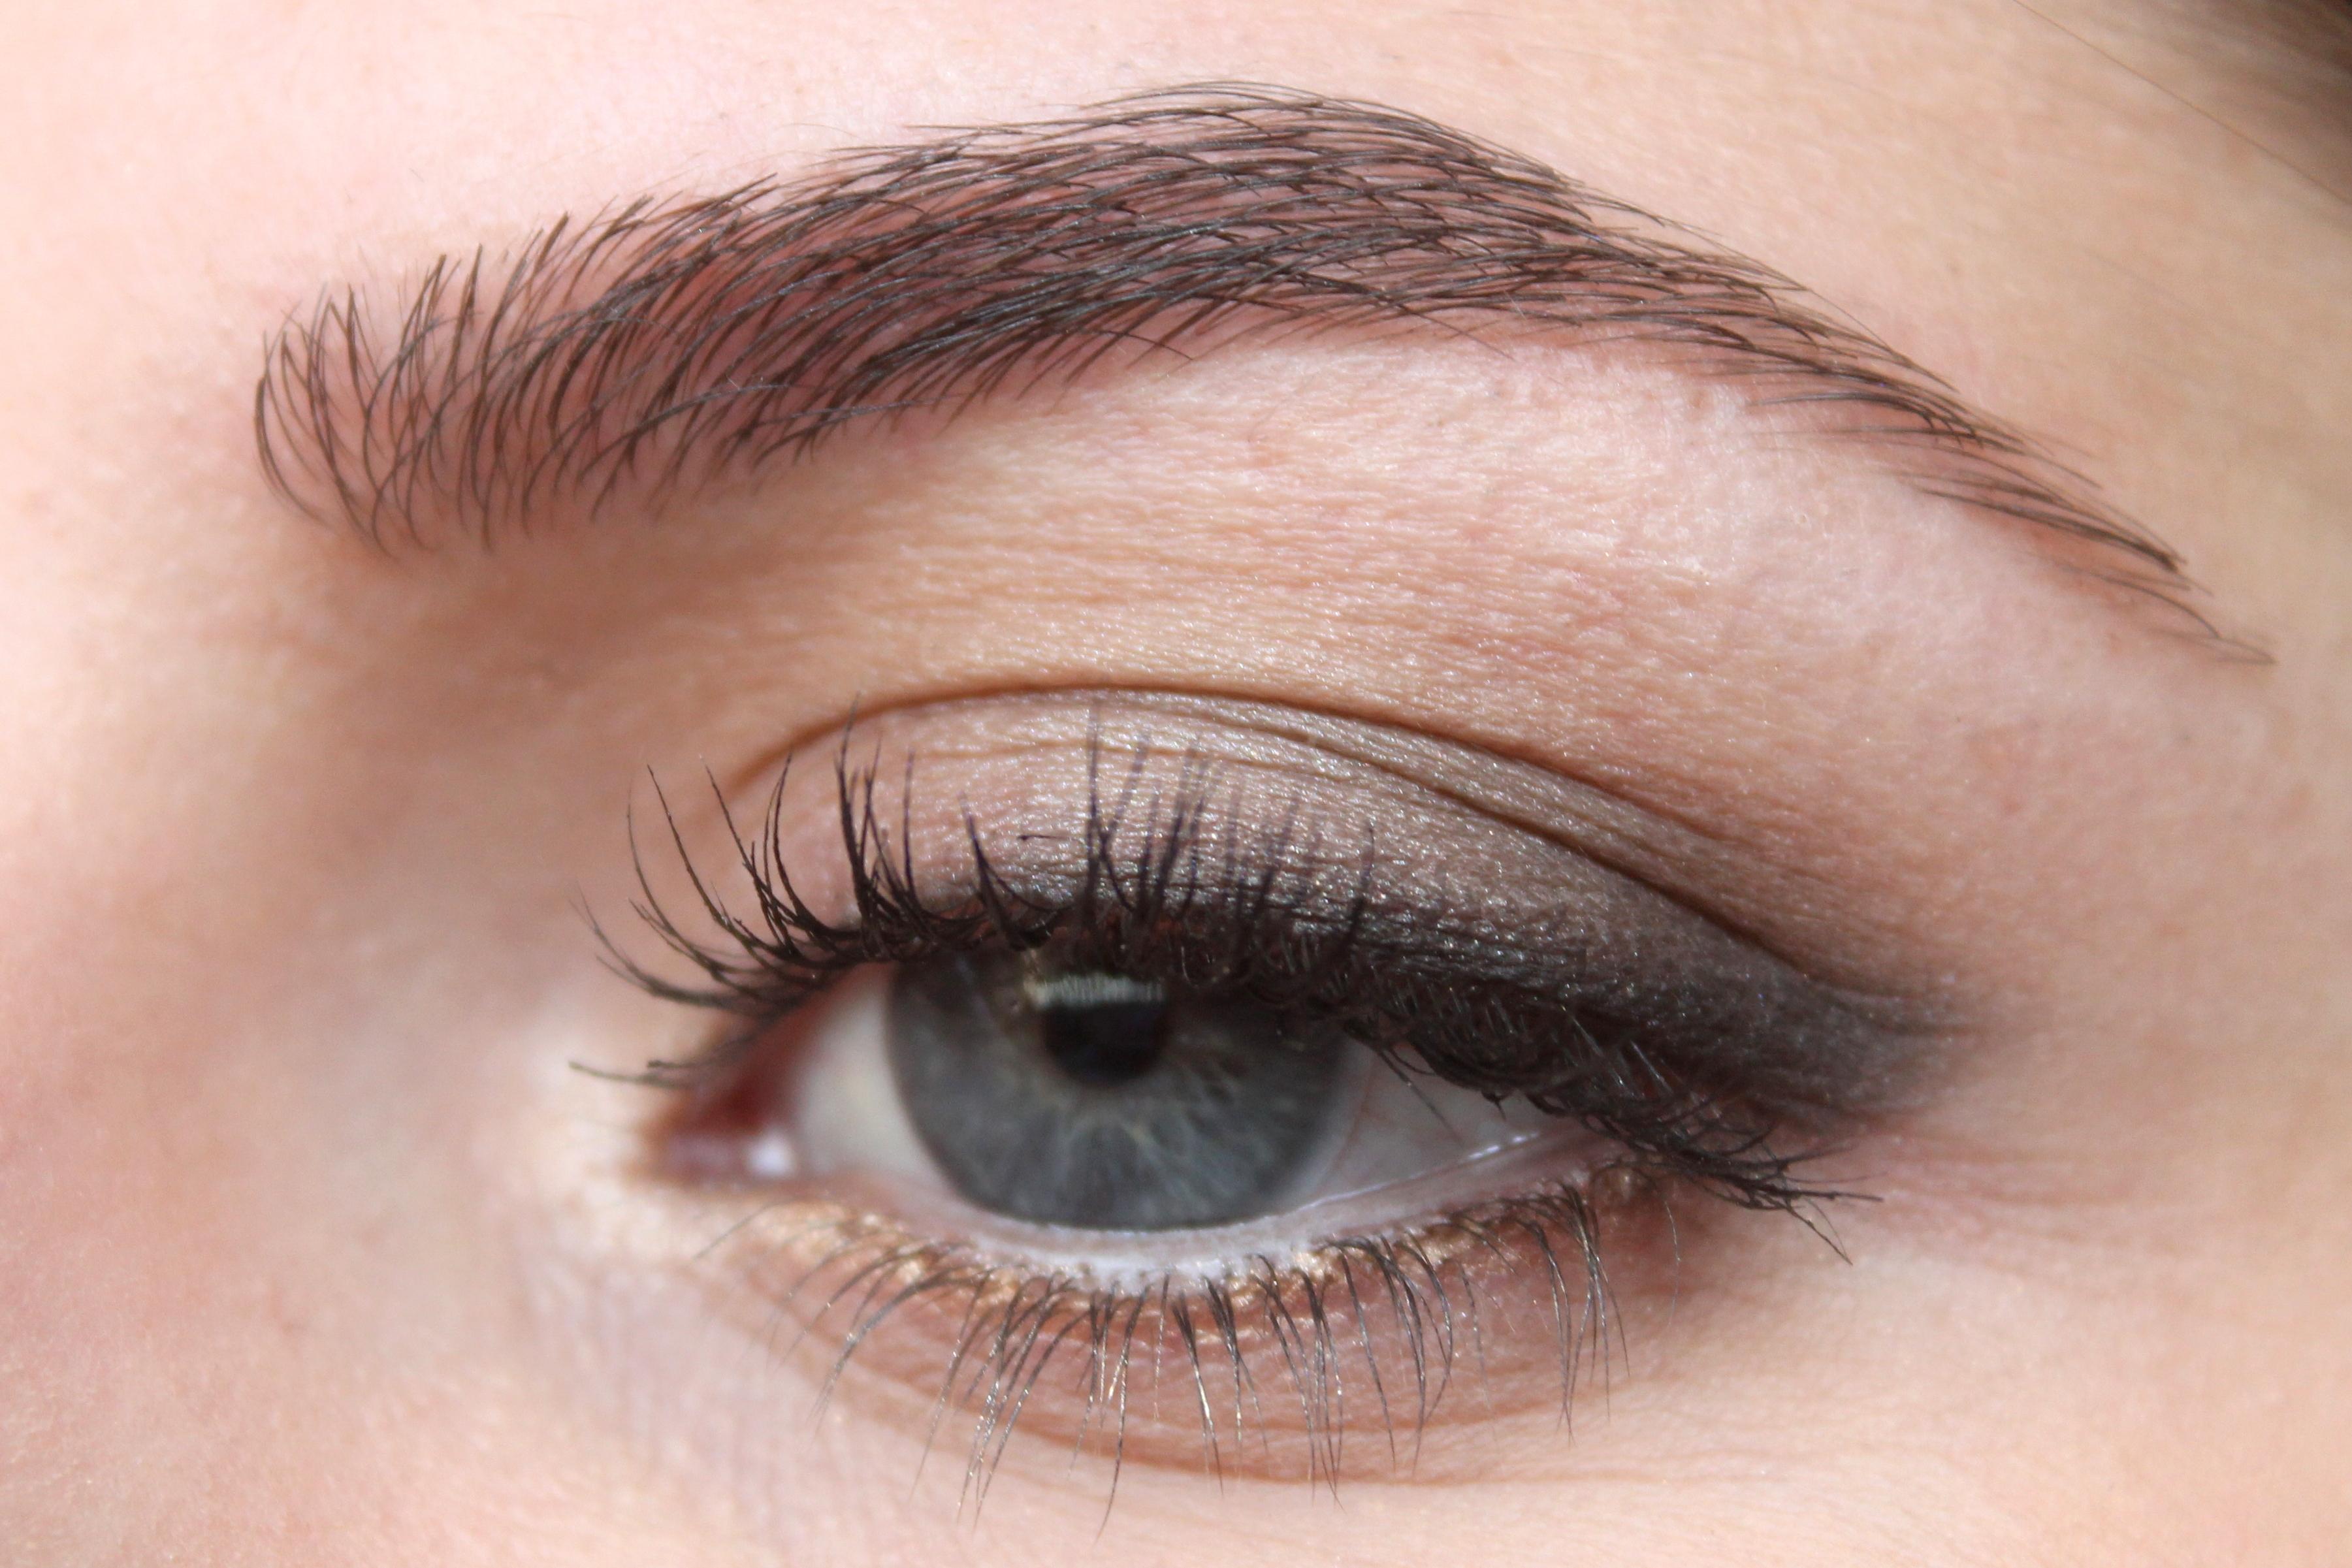 https://makeupyamind.files.wordpress.com/2014/10/img_1195.jpg